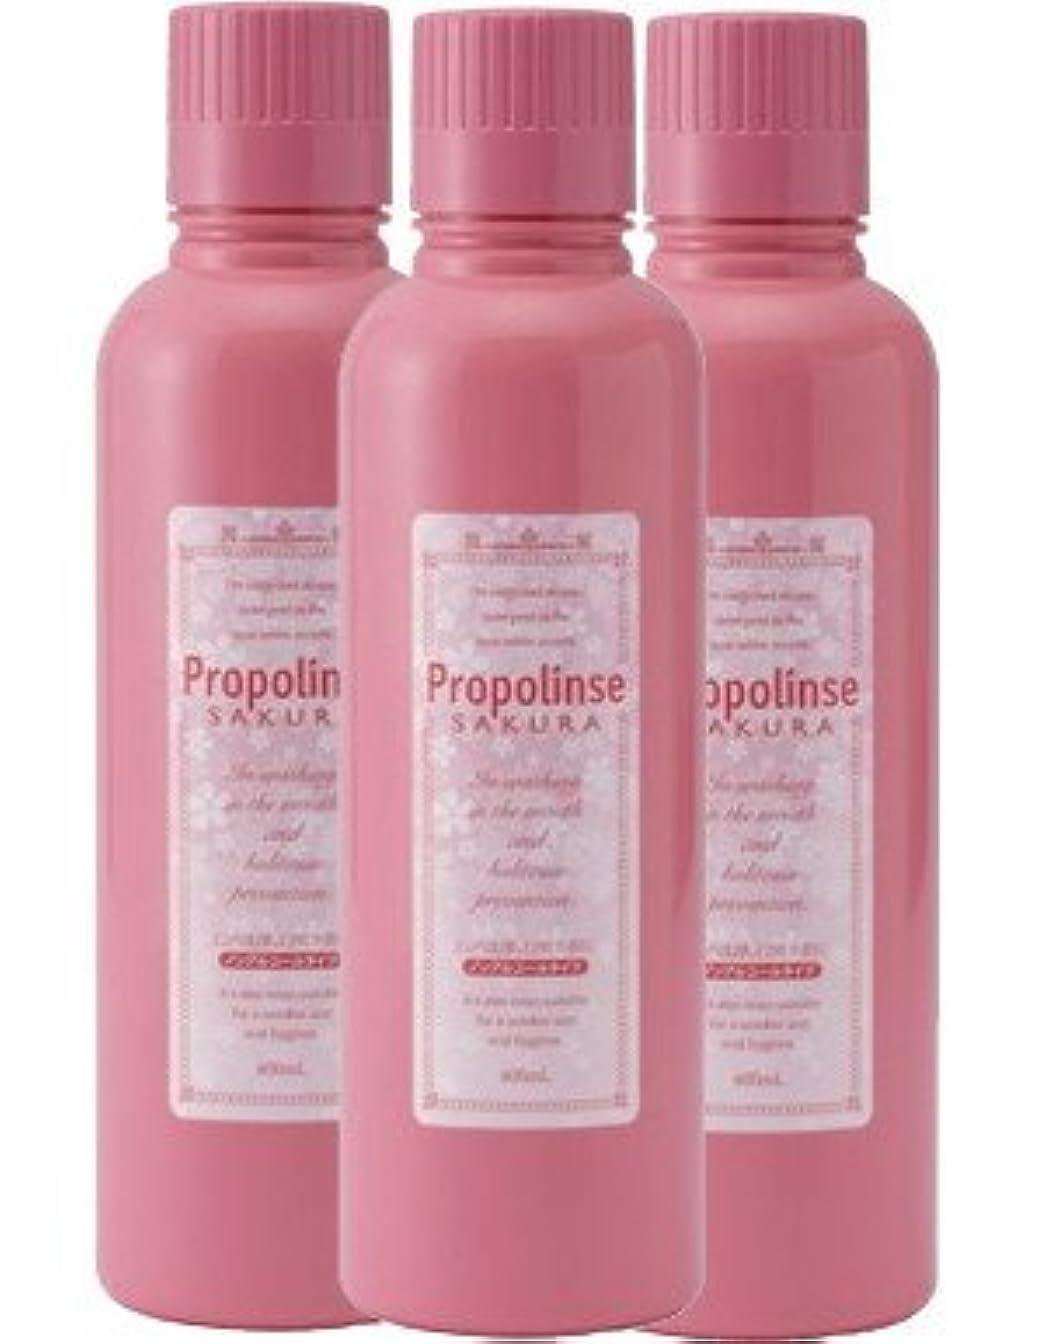 下着すぐに固執Propolinse ピエラス プロポリンス マウスウォッシュ サクラ 600ML*3本 本体 ノンアルコール 低刺激タイプ